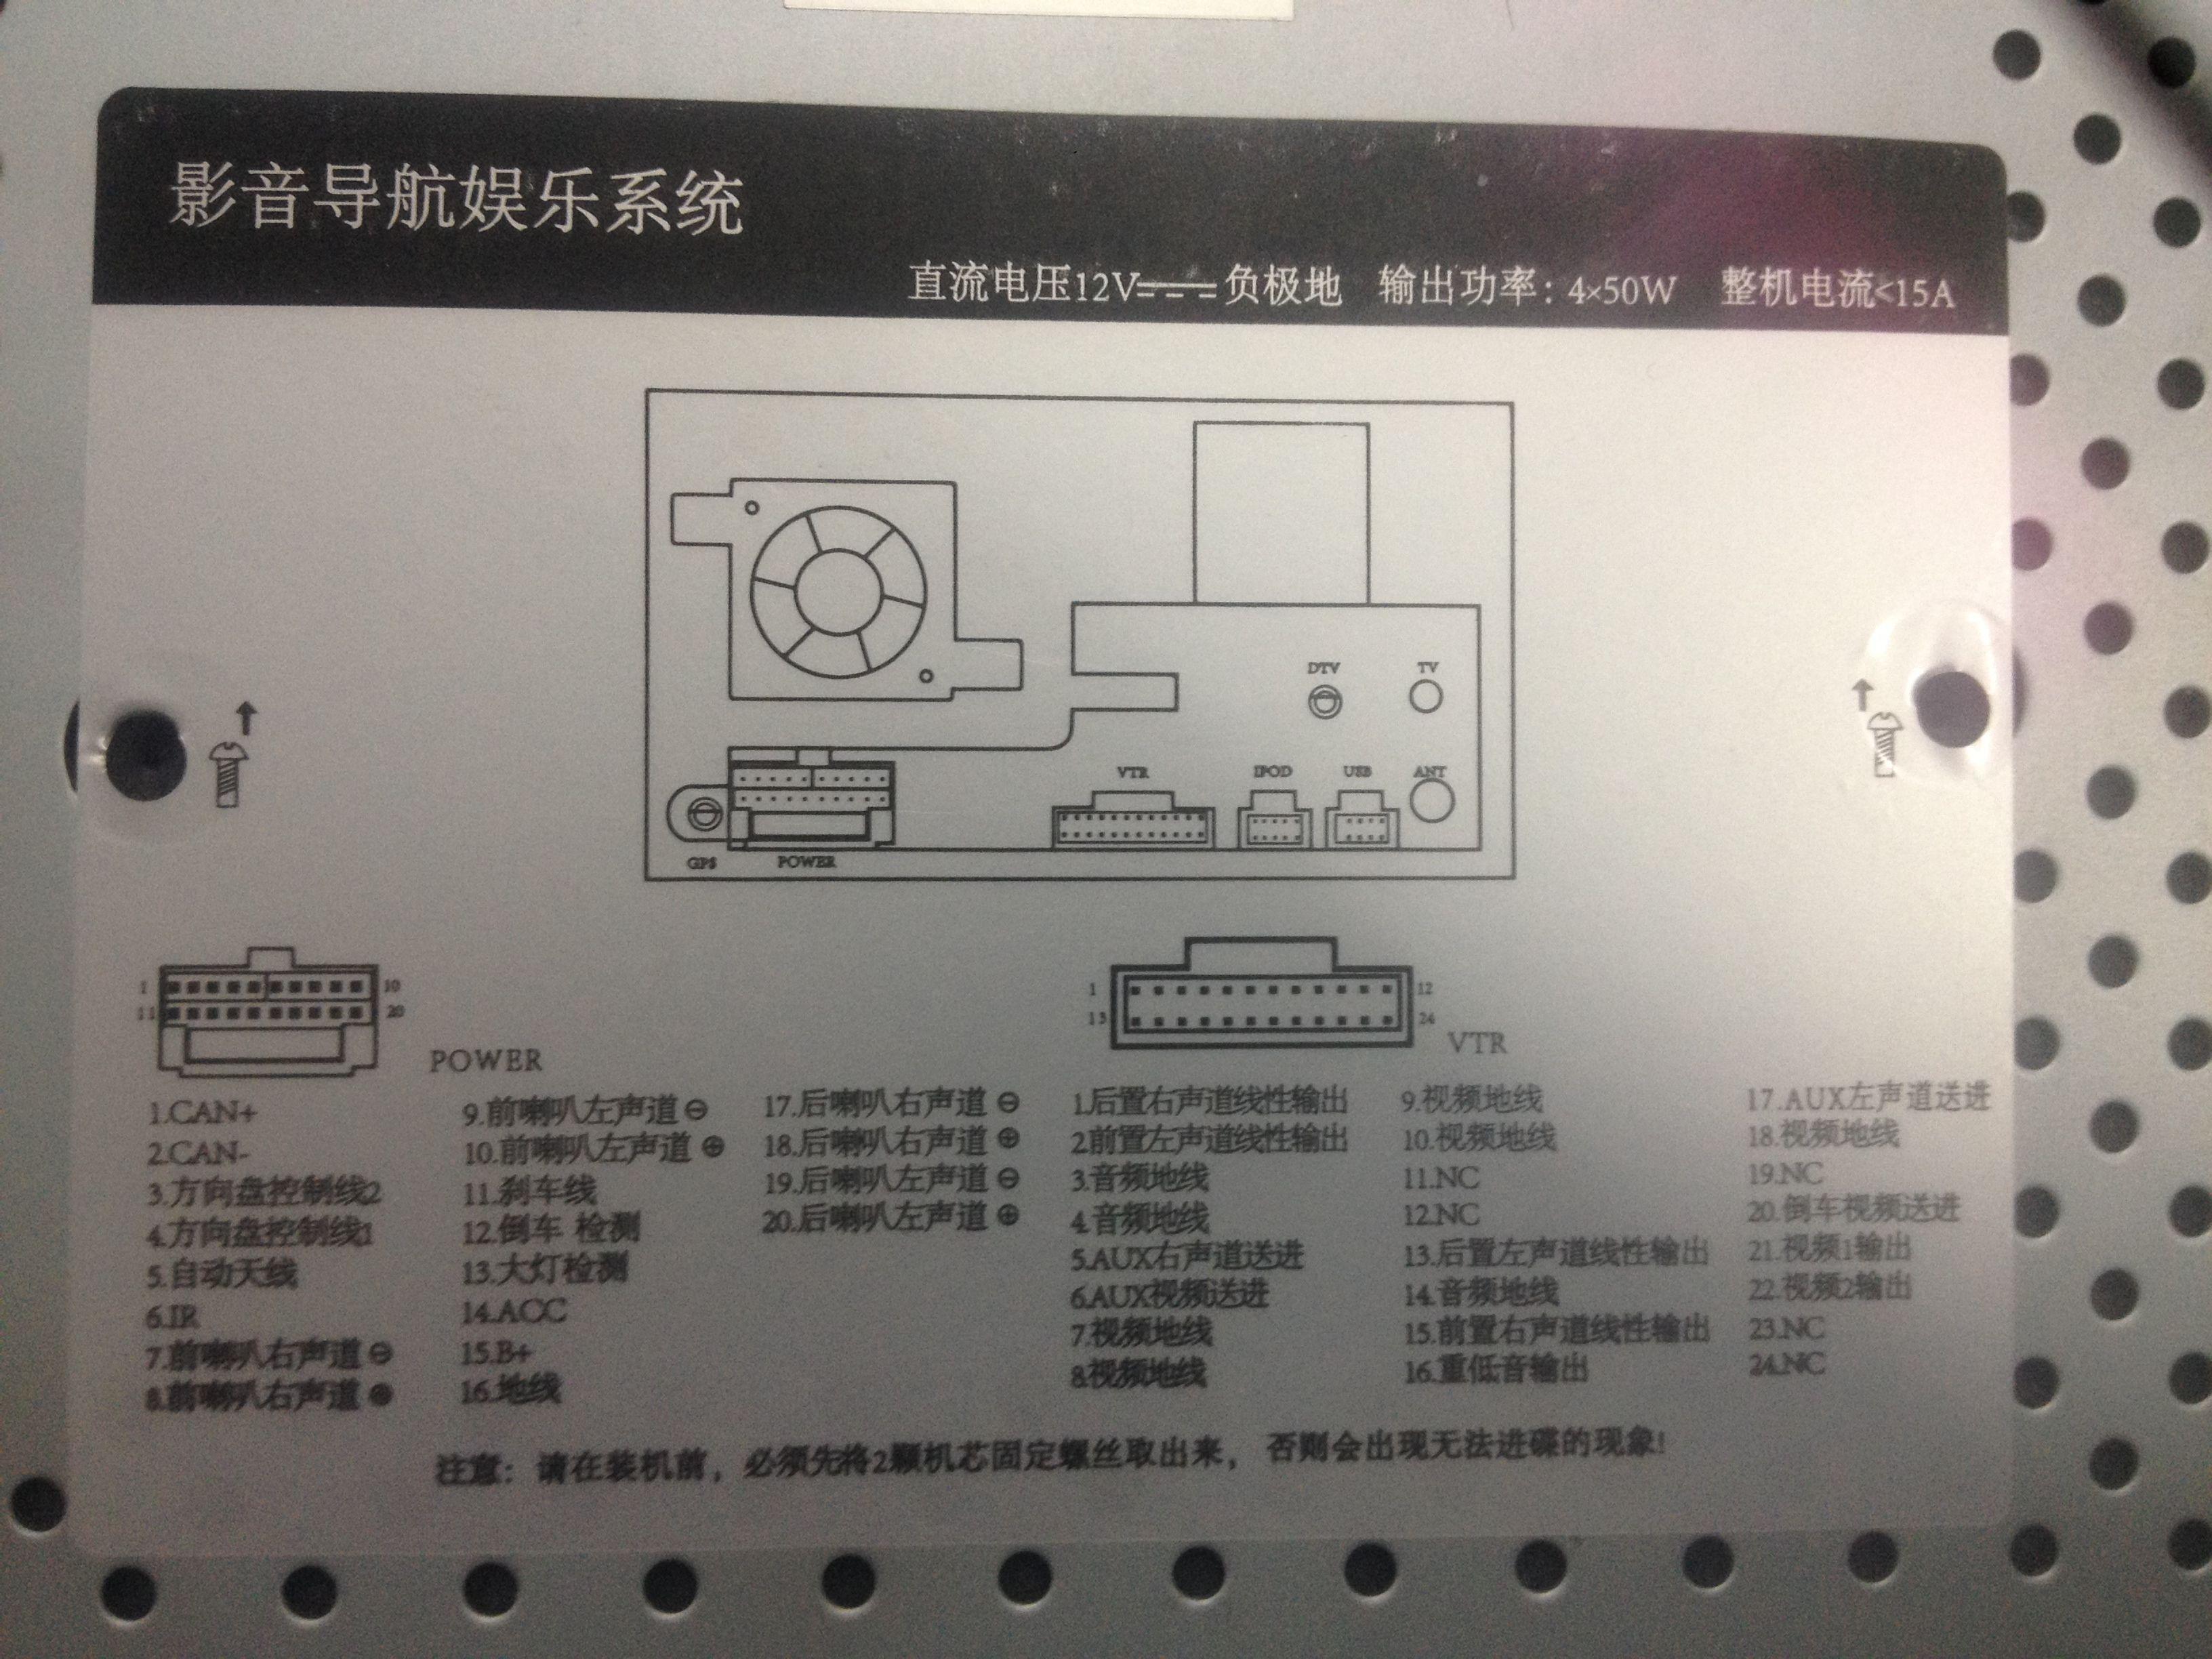 车载导航一体机改家用:按接线图接好电源没反应,屏幕和灯都不亮,请问